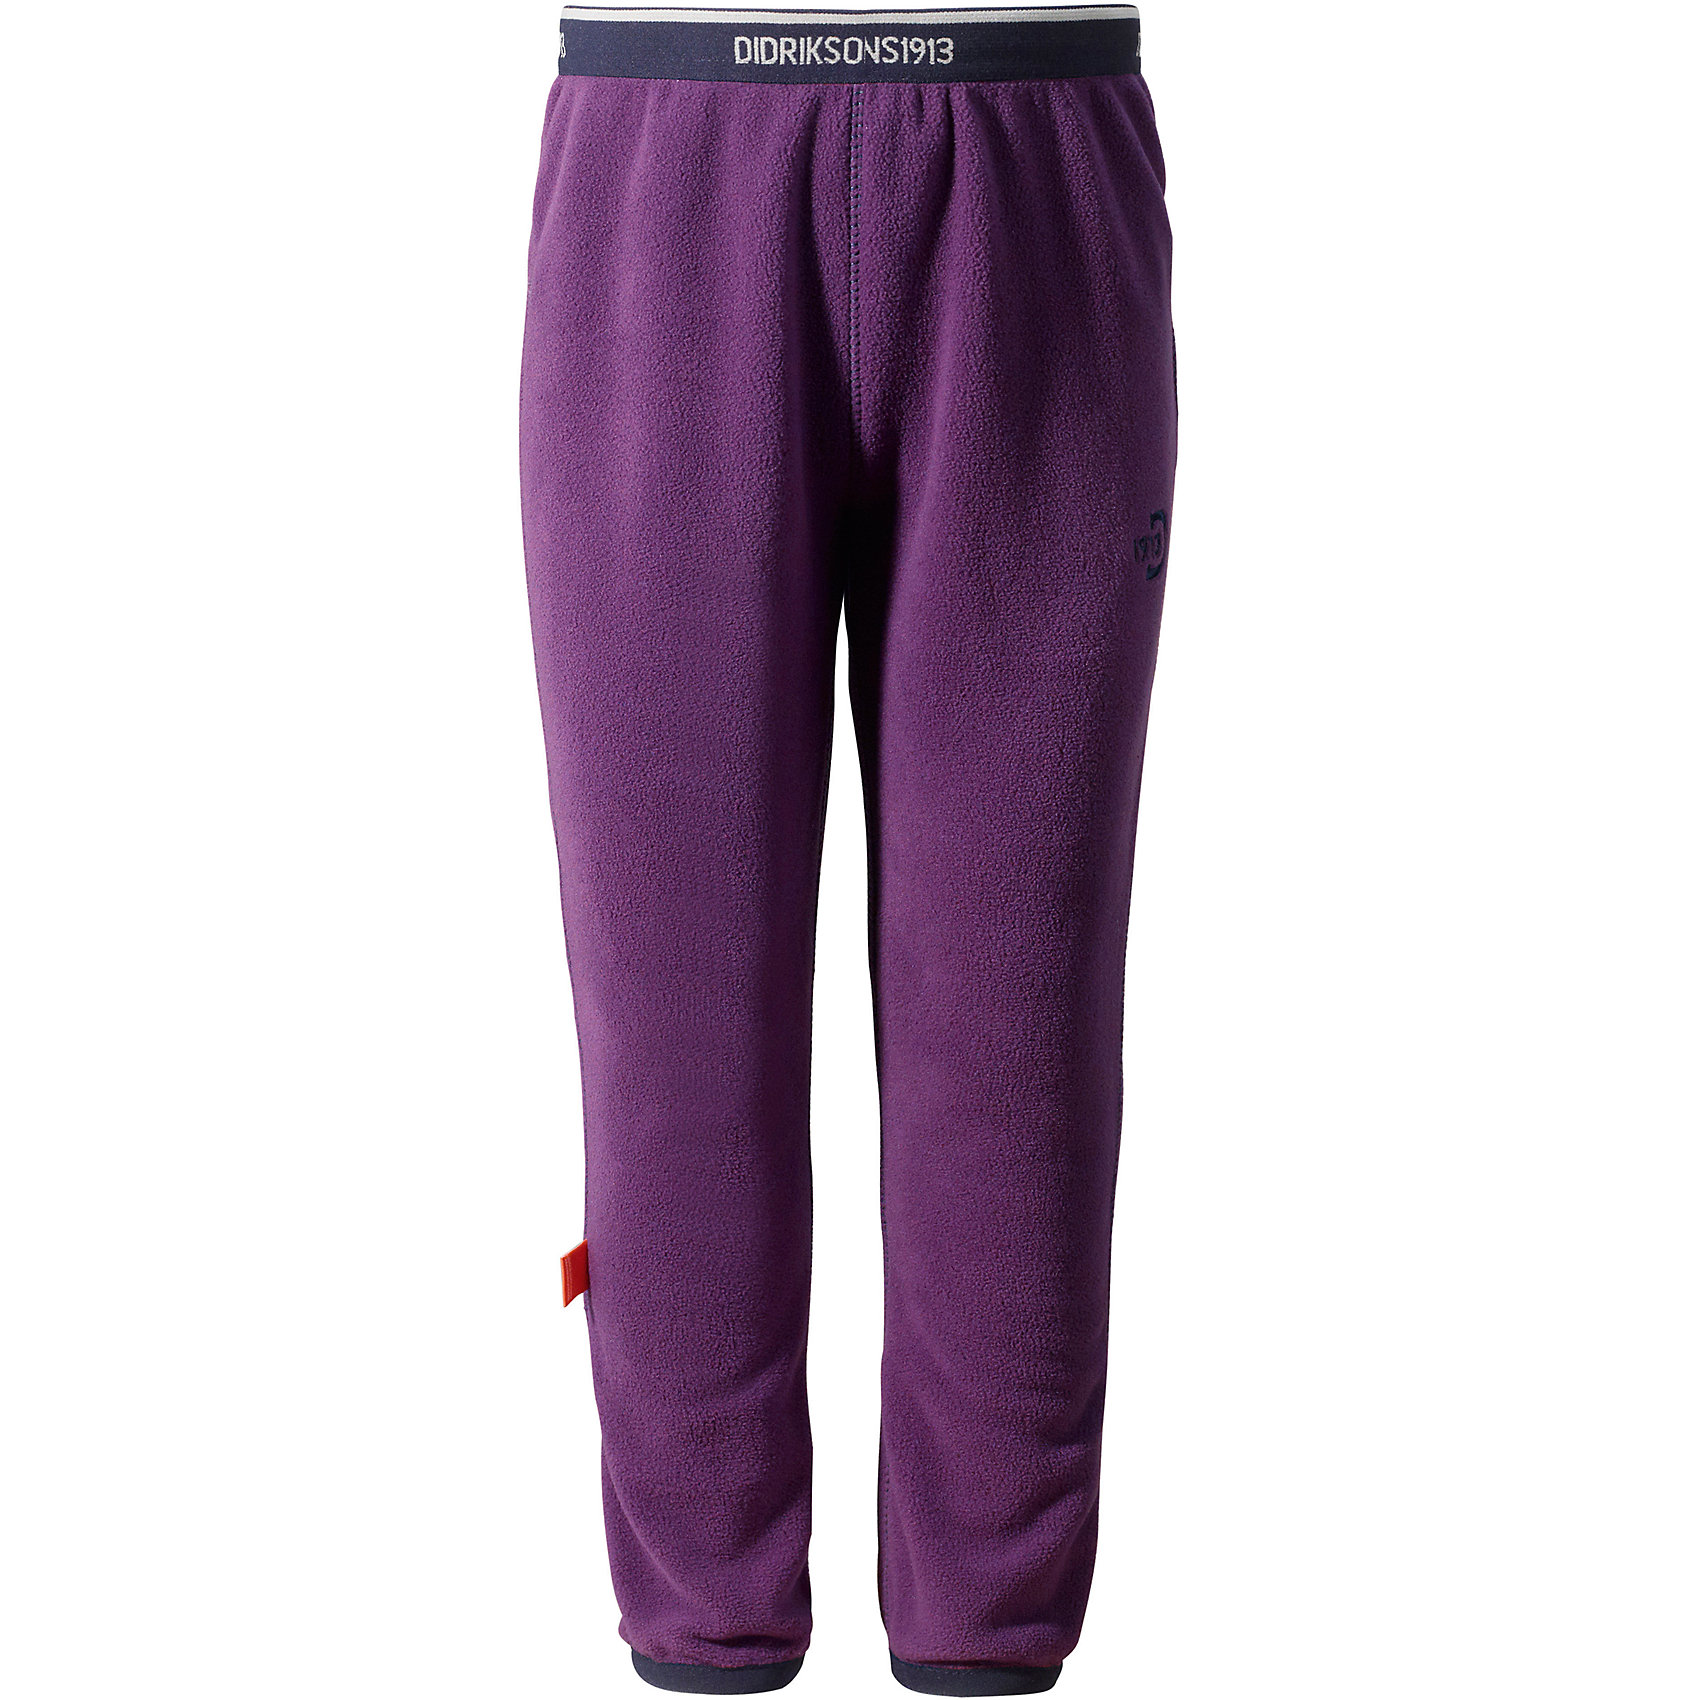 Брюки флисовые Monte Kids для девочки DIDRIKSONSФлис и термобелье<br>Характеристики товара:<br><br>• цвет: фиолетовый<br>• материал: 100% полиэстер<br>• флис<br>• резинка на поясе<br>• можно надевать под одежду<br>• страна бренда: Швеция<br>• страна производства: Китай<br><br>Такие мягкие брюки сейчас очень популярны у детей! Это не только стильно, но еще и очень комфортно, а также тепло. Качественные флисовые брюки обеспечат ребенку удобство при прогулках и активном отдыхе в прохладные дне, в межсезонье или зимой. Такая модель от шведского производителя легко стирается, подходит под разные погодные условия.<br>Модель сшита из качественной мягкой ткани, которая позволяет телу дышать, она очень приятна на ощупь. Очень стильная и удобная модель! Изделие качественно выполнено, сделано из безопасных для детей материалов. <br><br>Брюки для девочки от бренда DIDRIKSONS можно купить в нашем интернет-магазине.<br><br>Ширина мм: 215<br>Глубина мм: 88<br>Высота мм: 191<br>Вес г: 336<br>Цвет: красный<br>Возраст от месяцев: 12<br>Возраст до месяцев: 15<br>Пол: Женский<br>Возраст: Детский<br>Размер: 80,120,90,100,110<br>SKU: 5003915